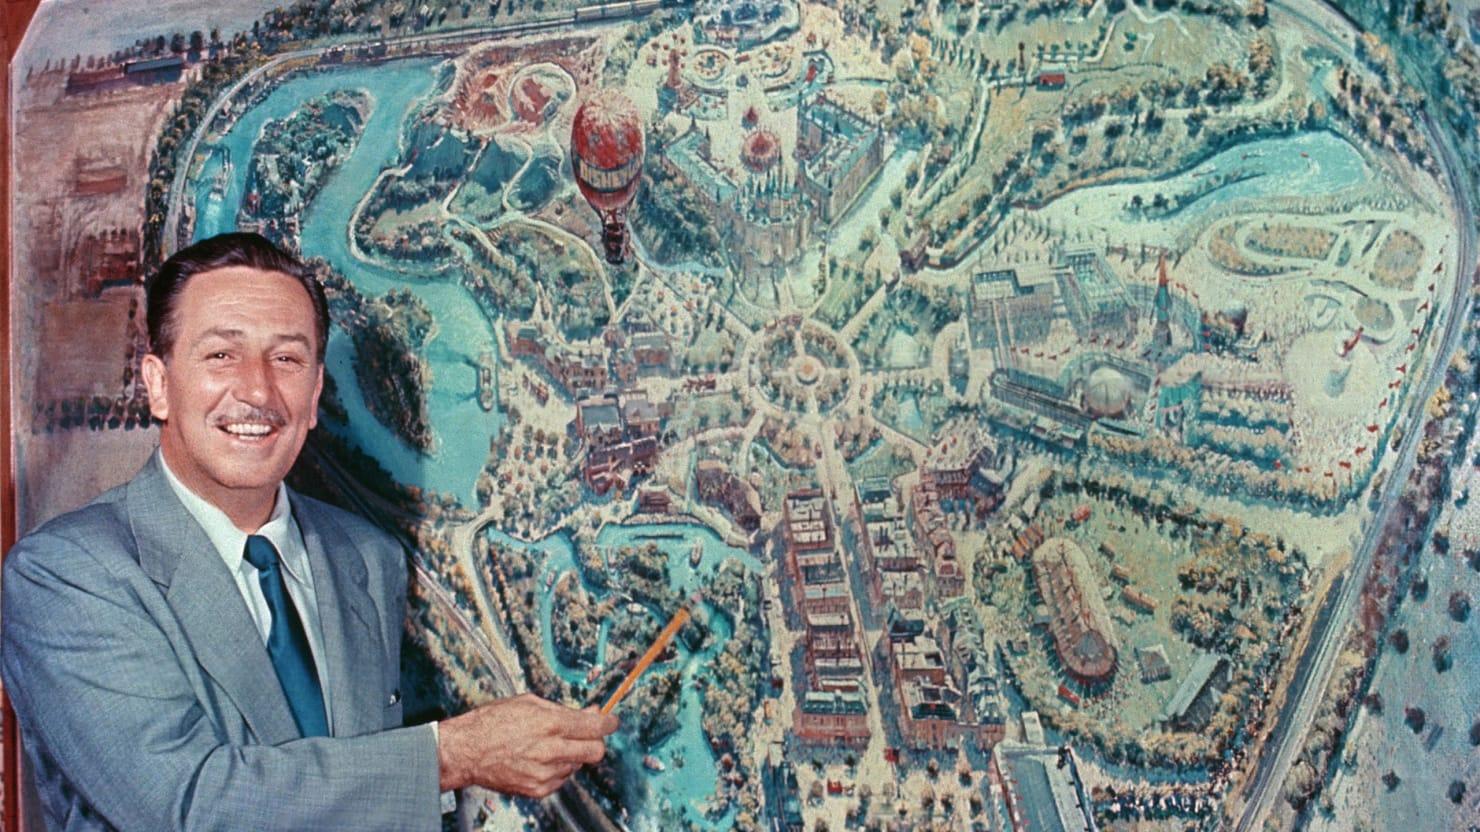 How Walt Disney Made America Into a Magic Kingdom